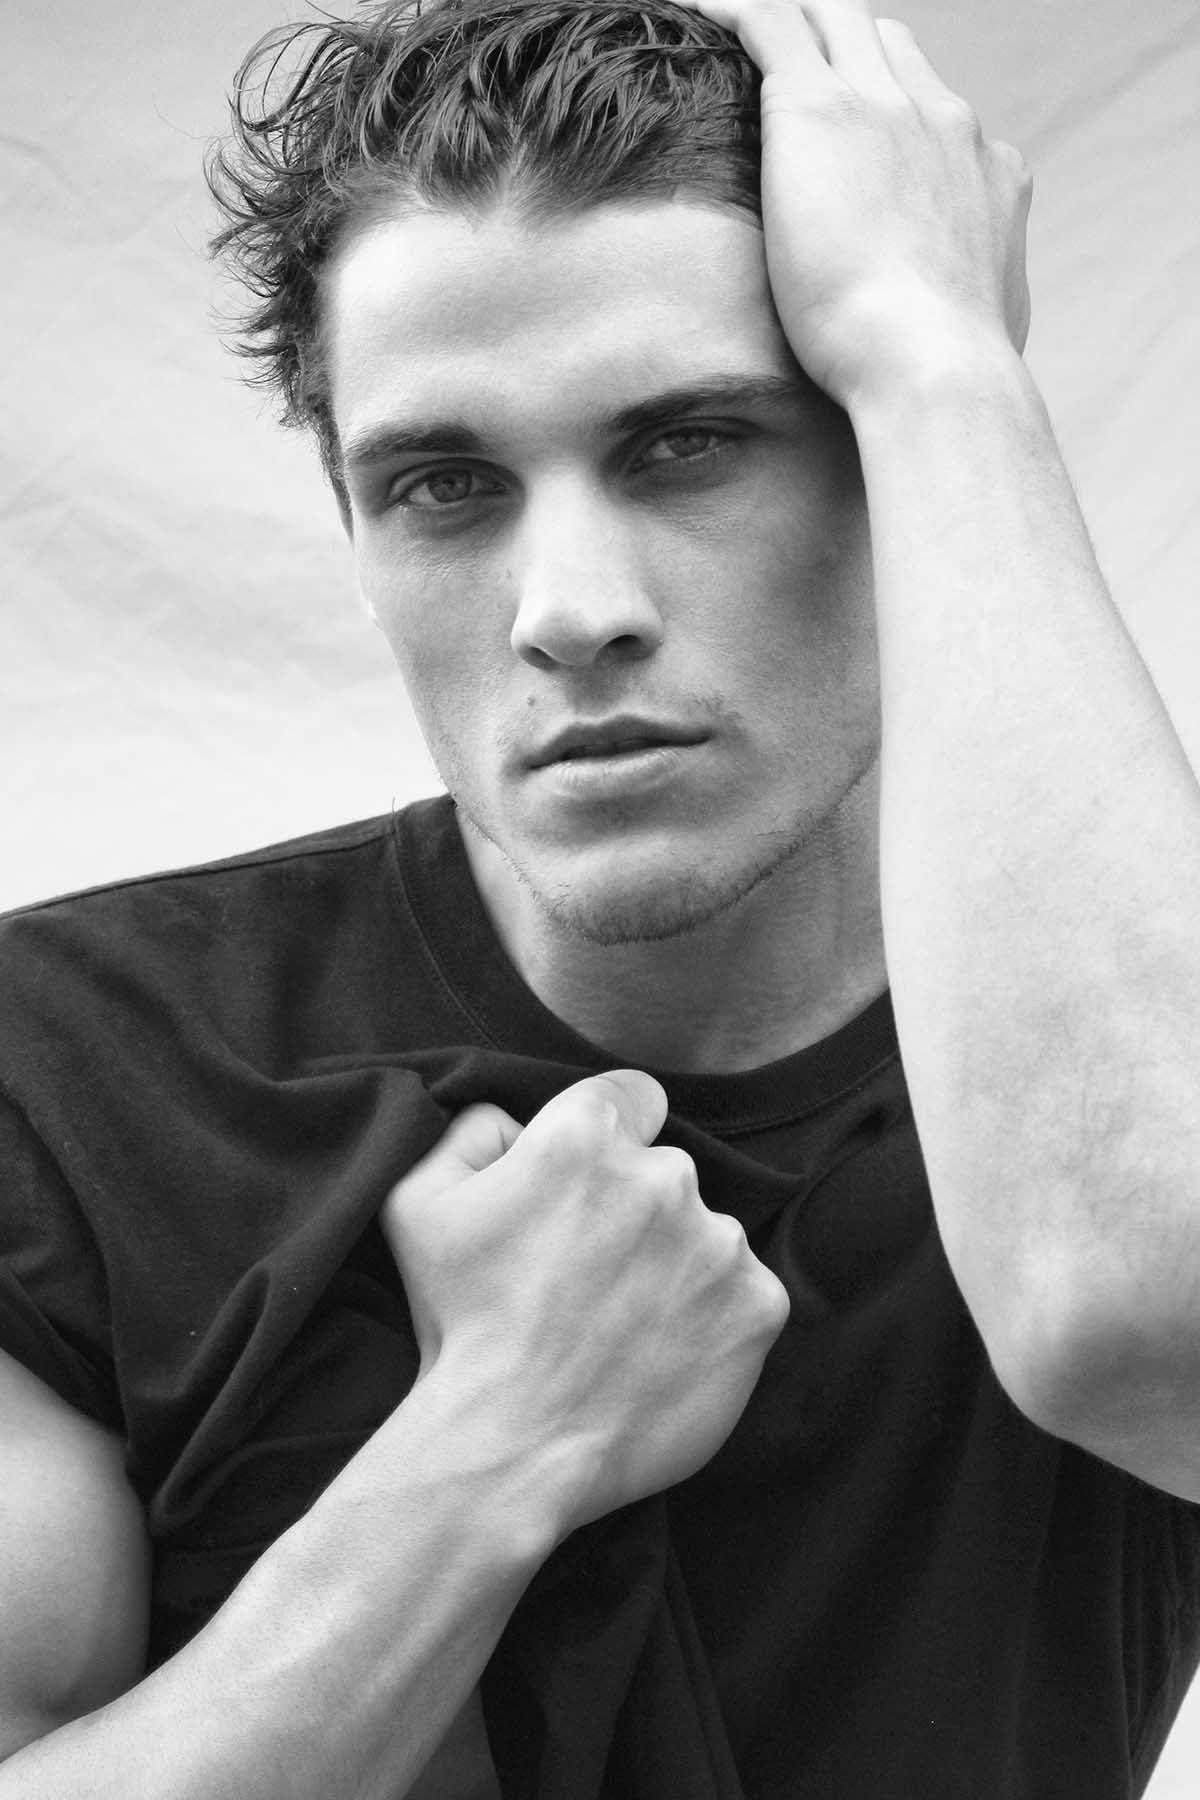 Eduardo Mocelim by Carlos Mora for Brazilian Male Model